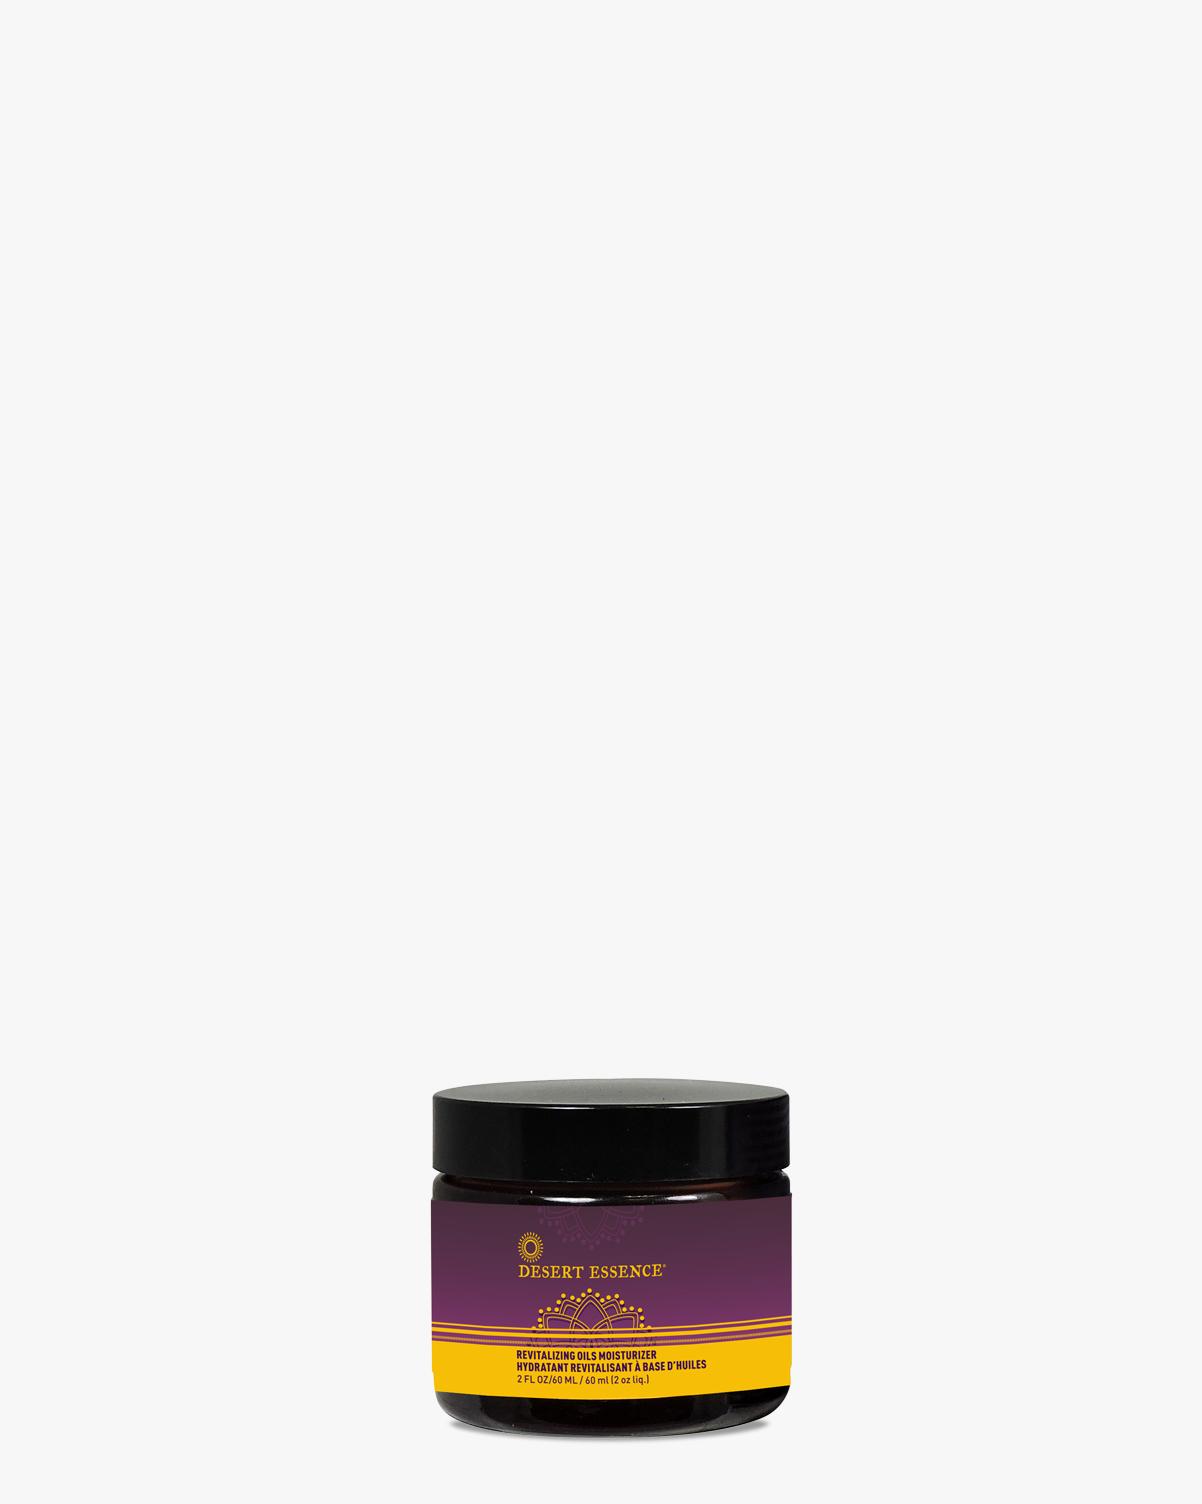 Desert Essence coupon: Desert Essence Revitalizing Oils Moisturizer, 2 fl. oz. | Vegan | Gluten-Free